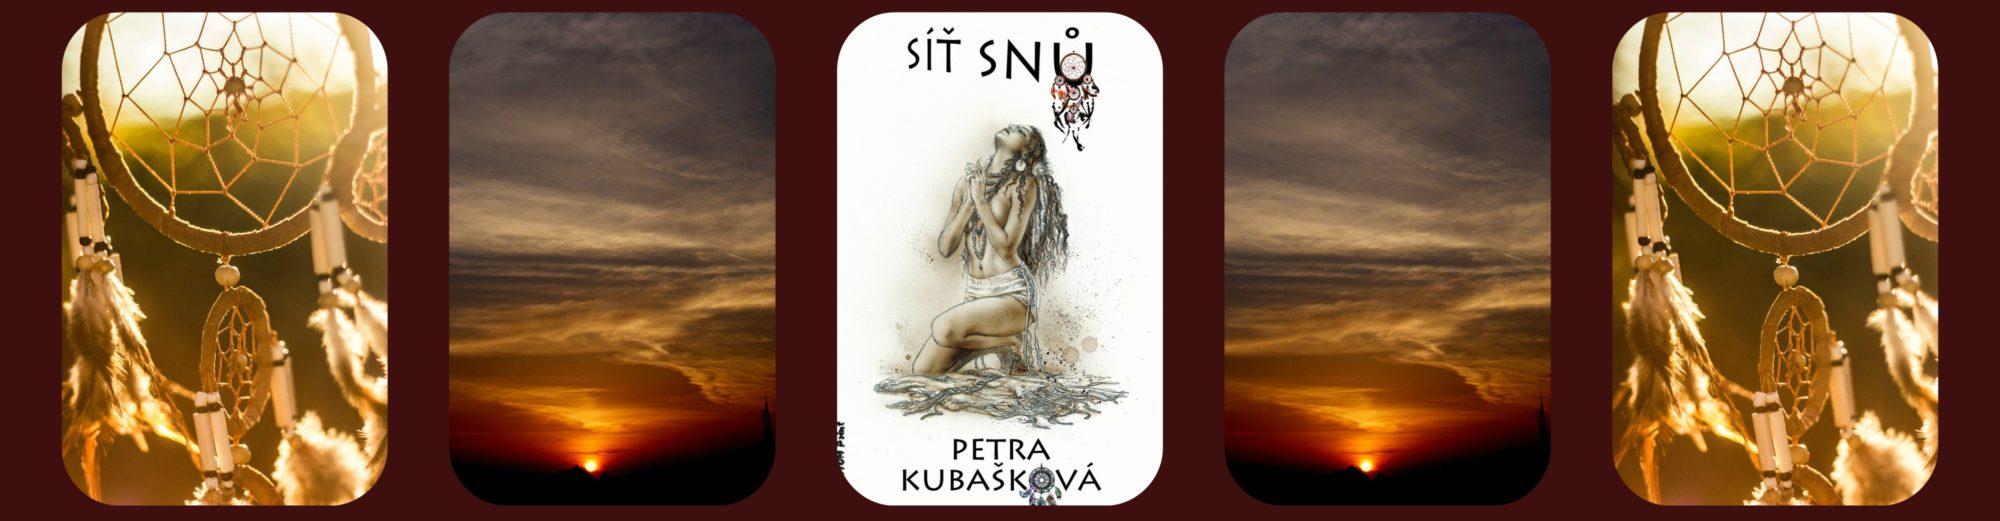 PETRA KUBAŠKOVÁ